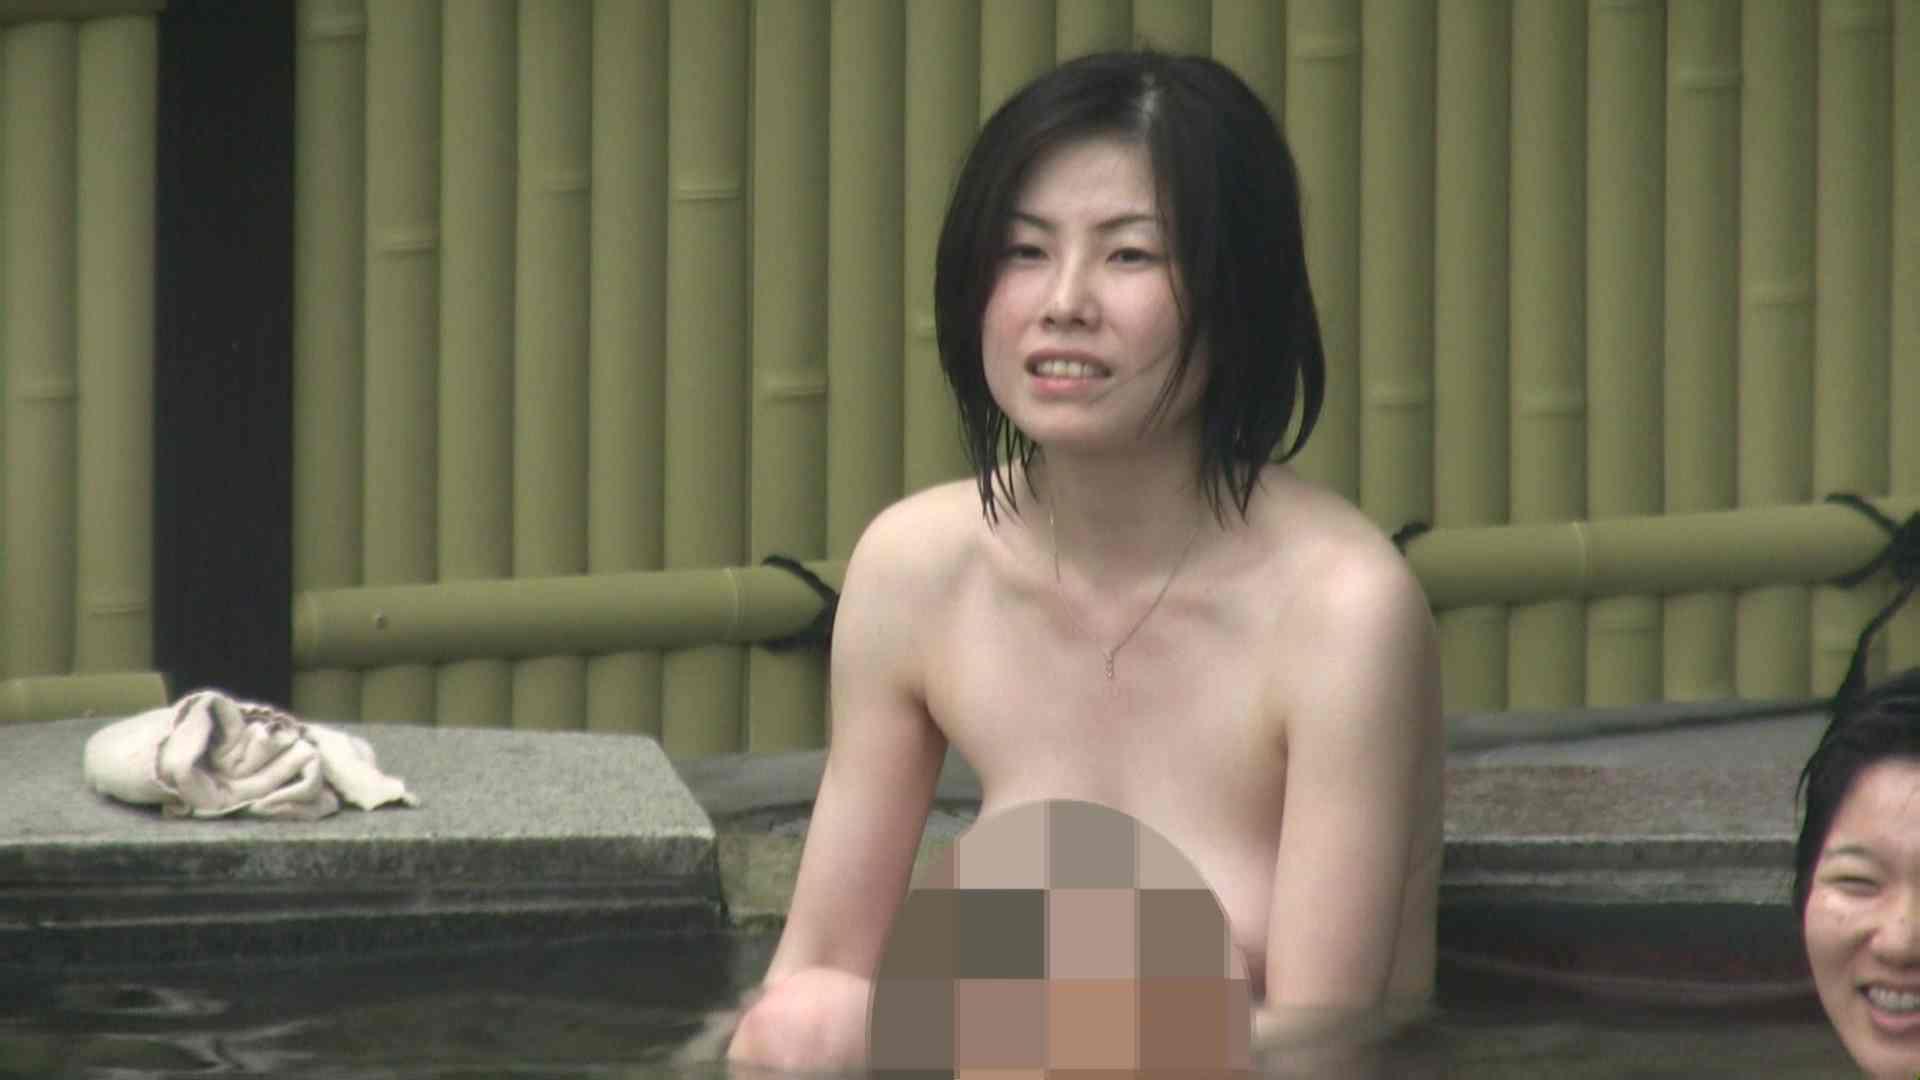 高画質露天女風呂観察 vol.035 高画質 エロ画像 9枚 9